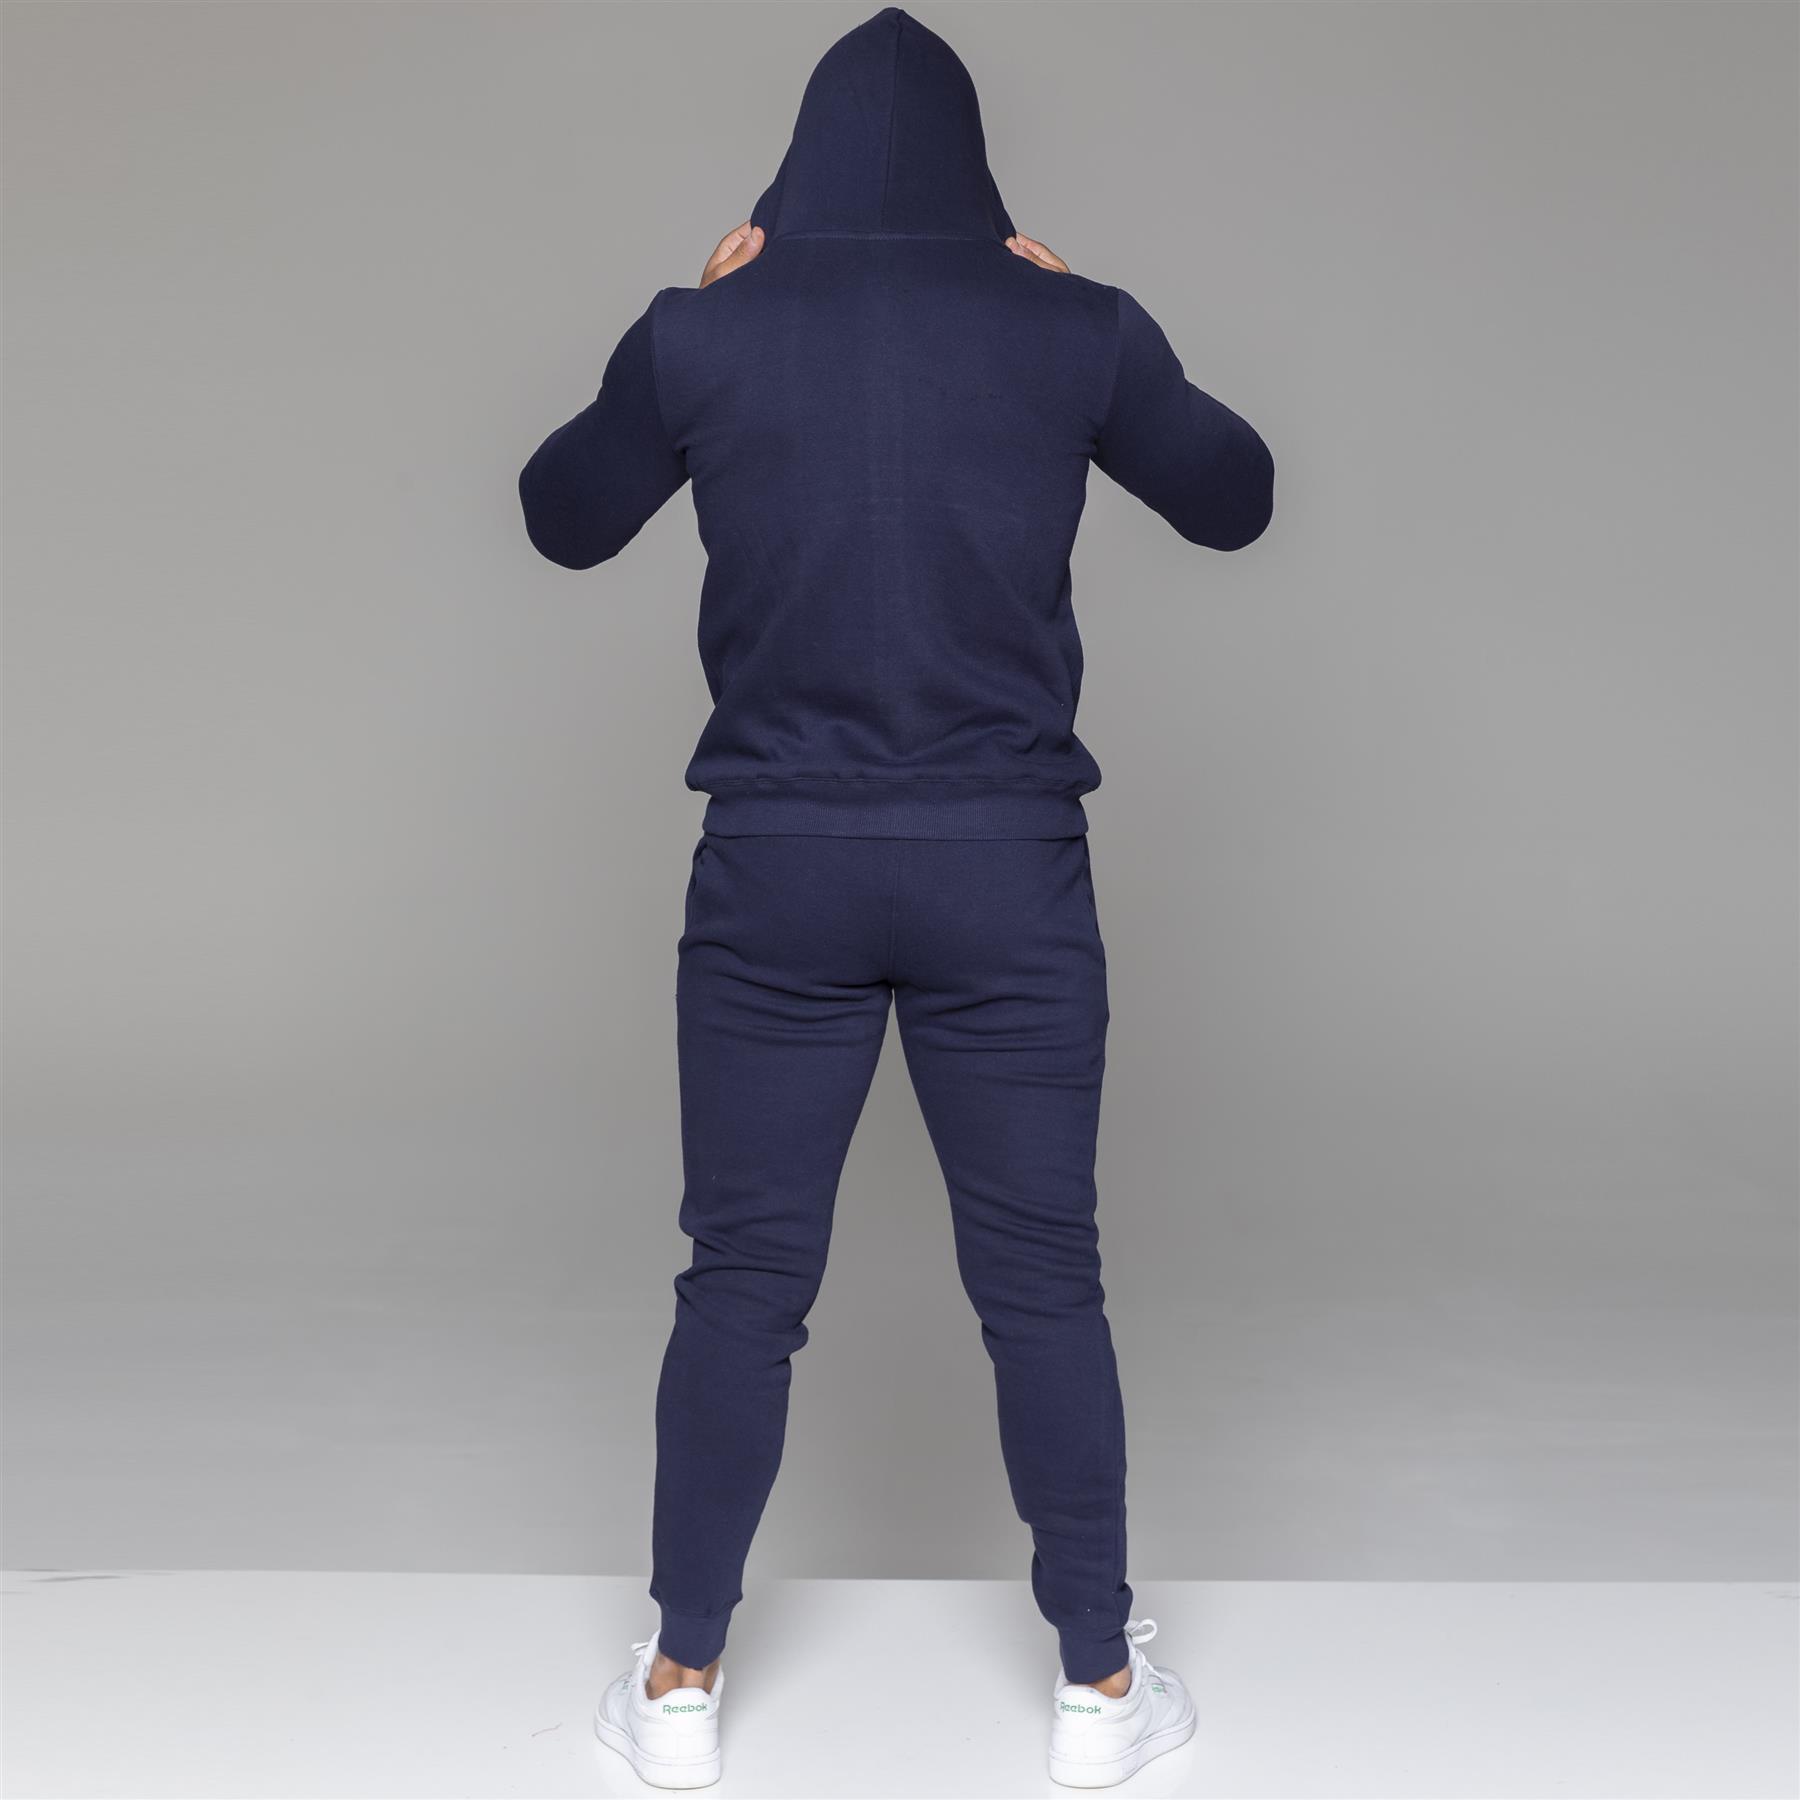 miniatura 25 - Tuta Integrale da Uomo MyT Set Felpa Con Cappuccio E Cerniera Felpa Con Cappuccio Jogging Bottoms Pantaloni Sportivi